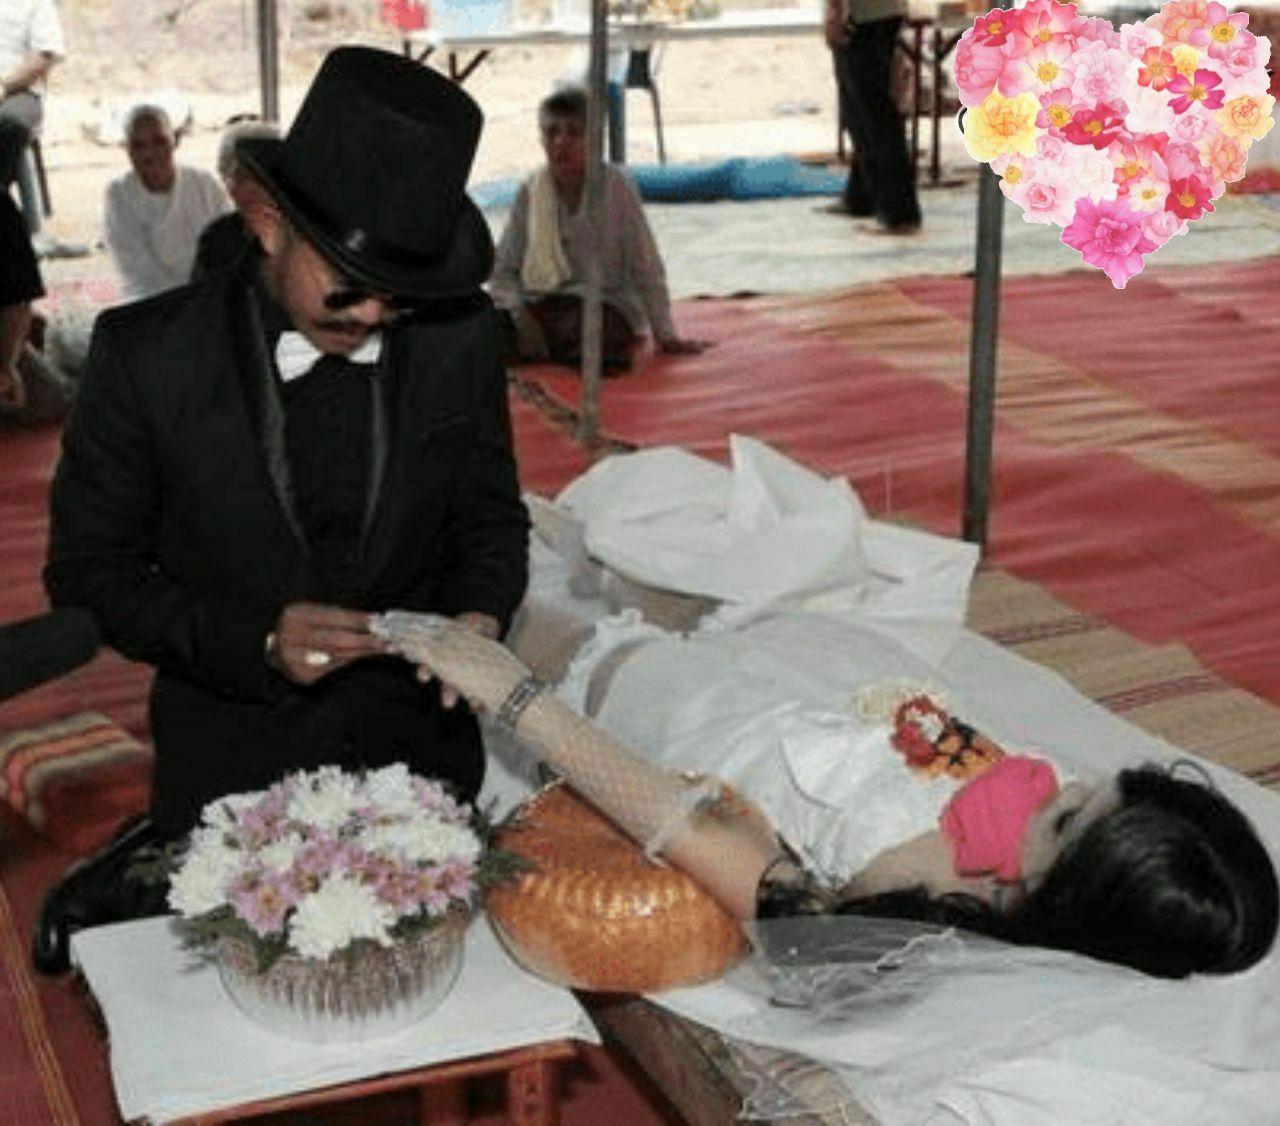 ازدواج عجیب مرد جوان با نامزد مرده خود+ عکس